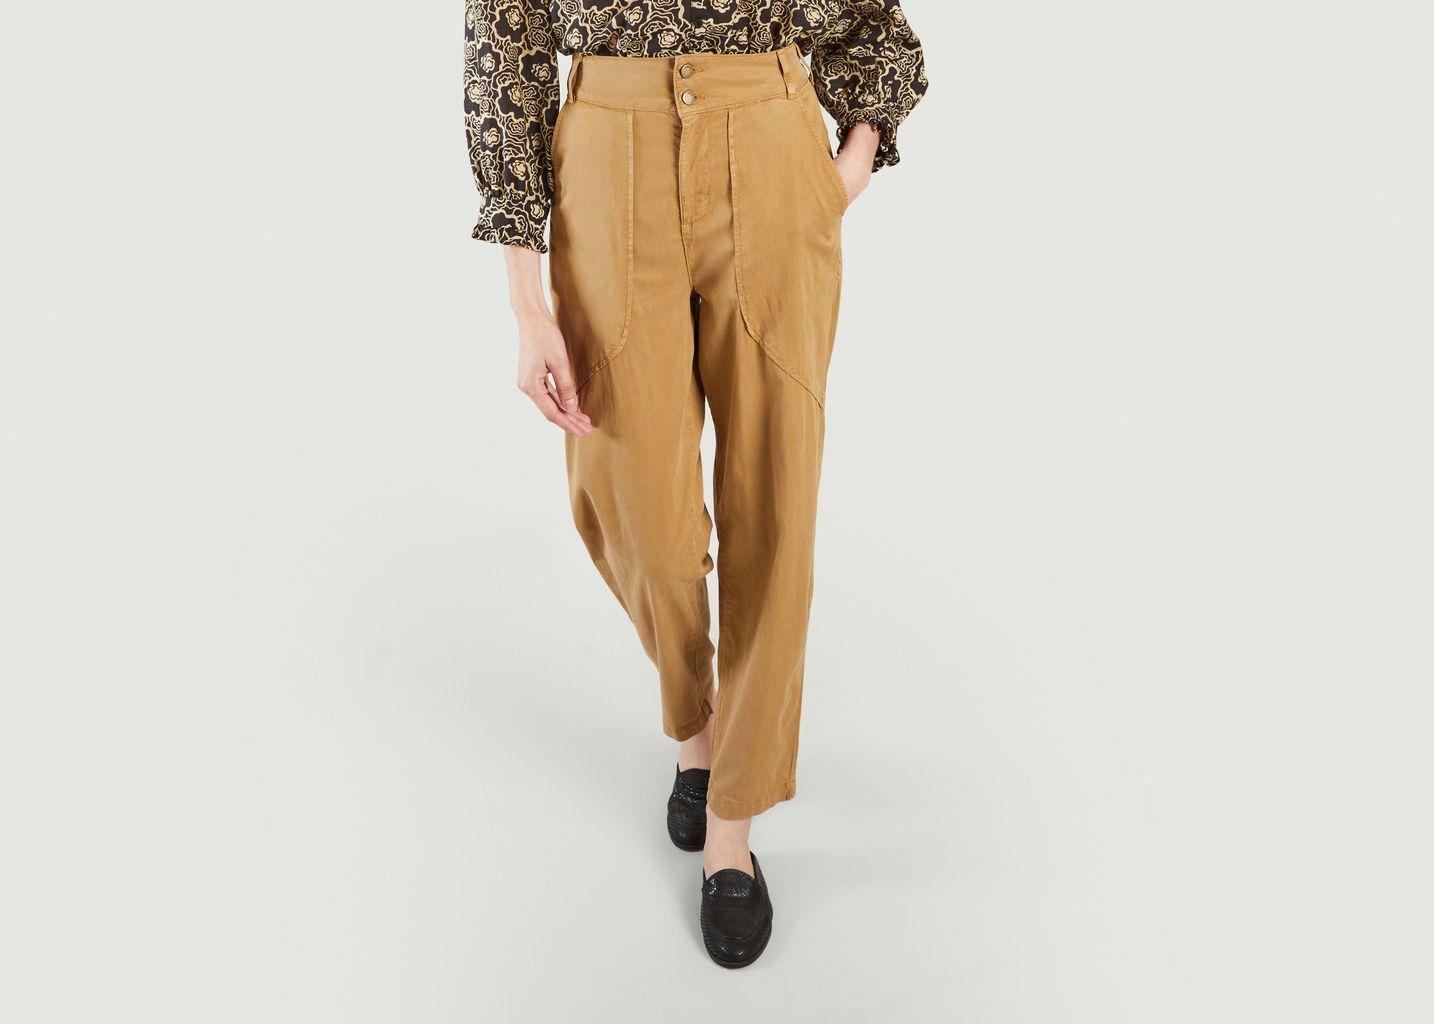 Pantalon Paco  - Ba&sh